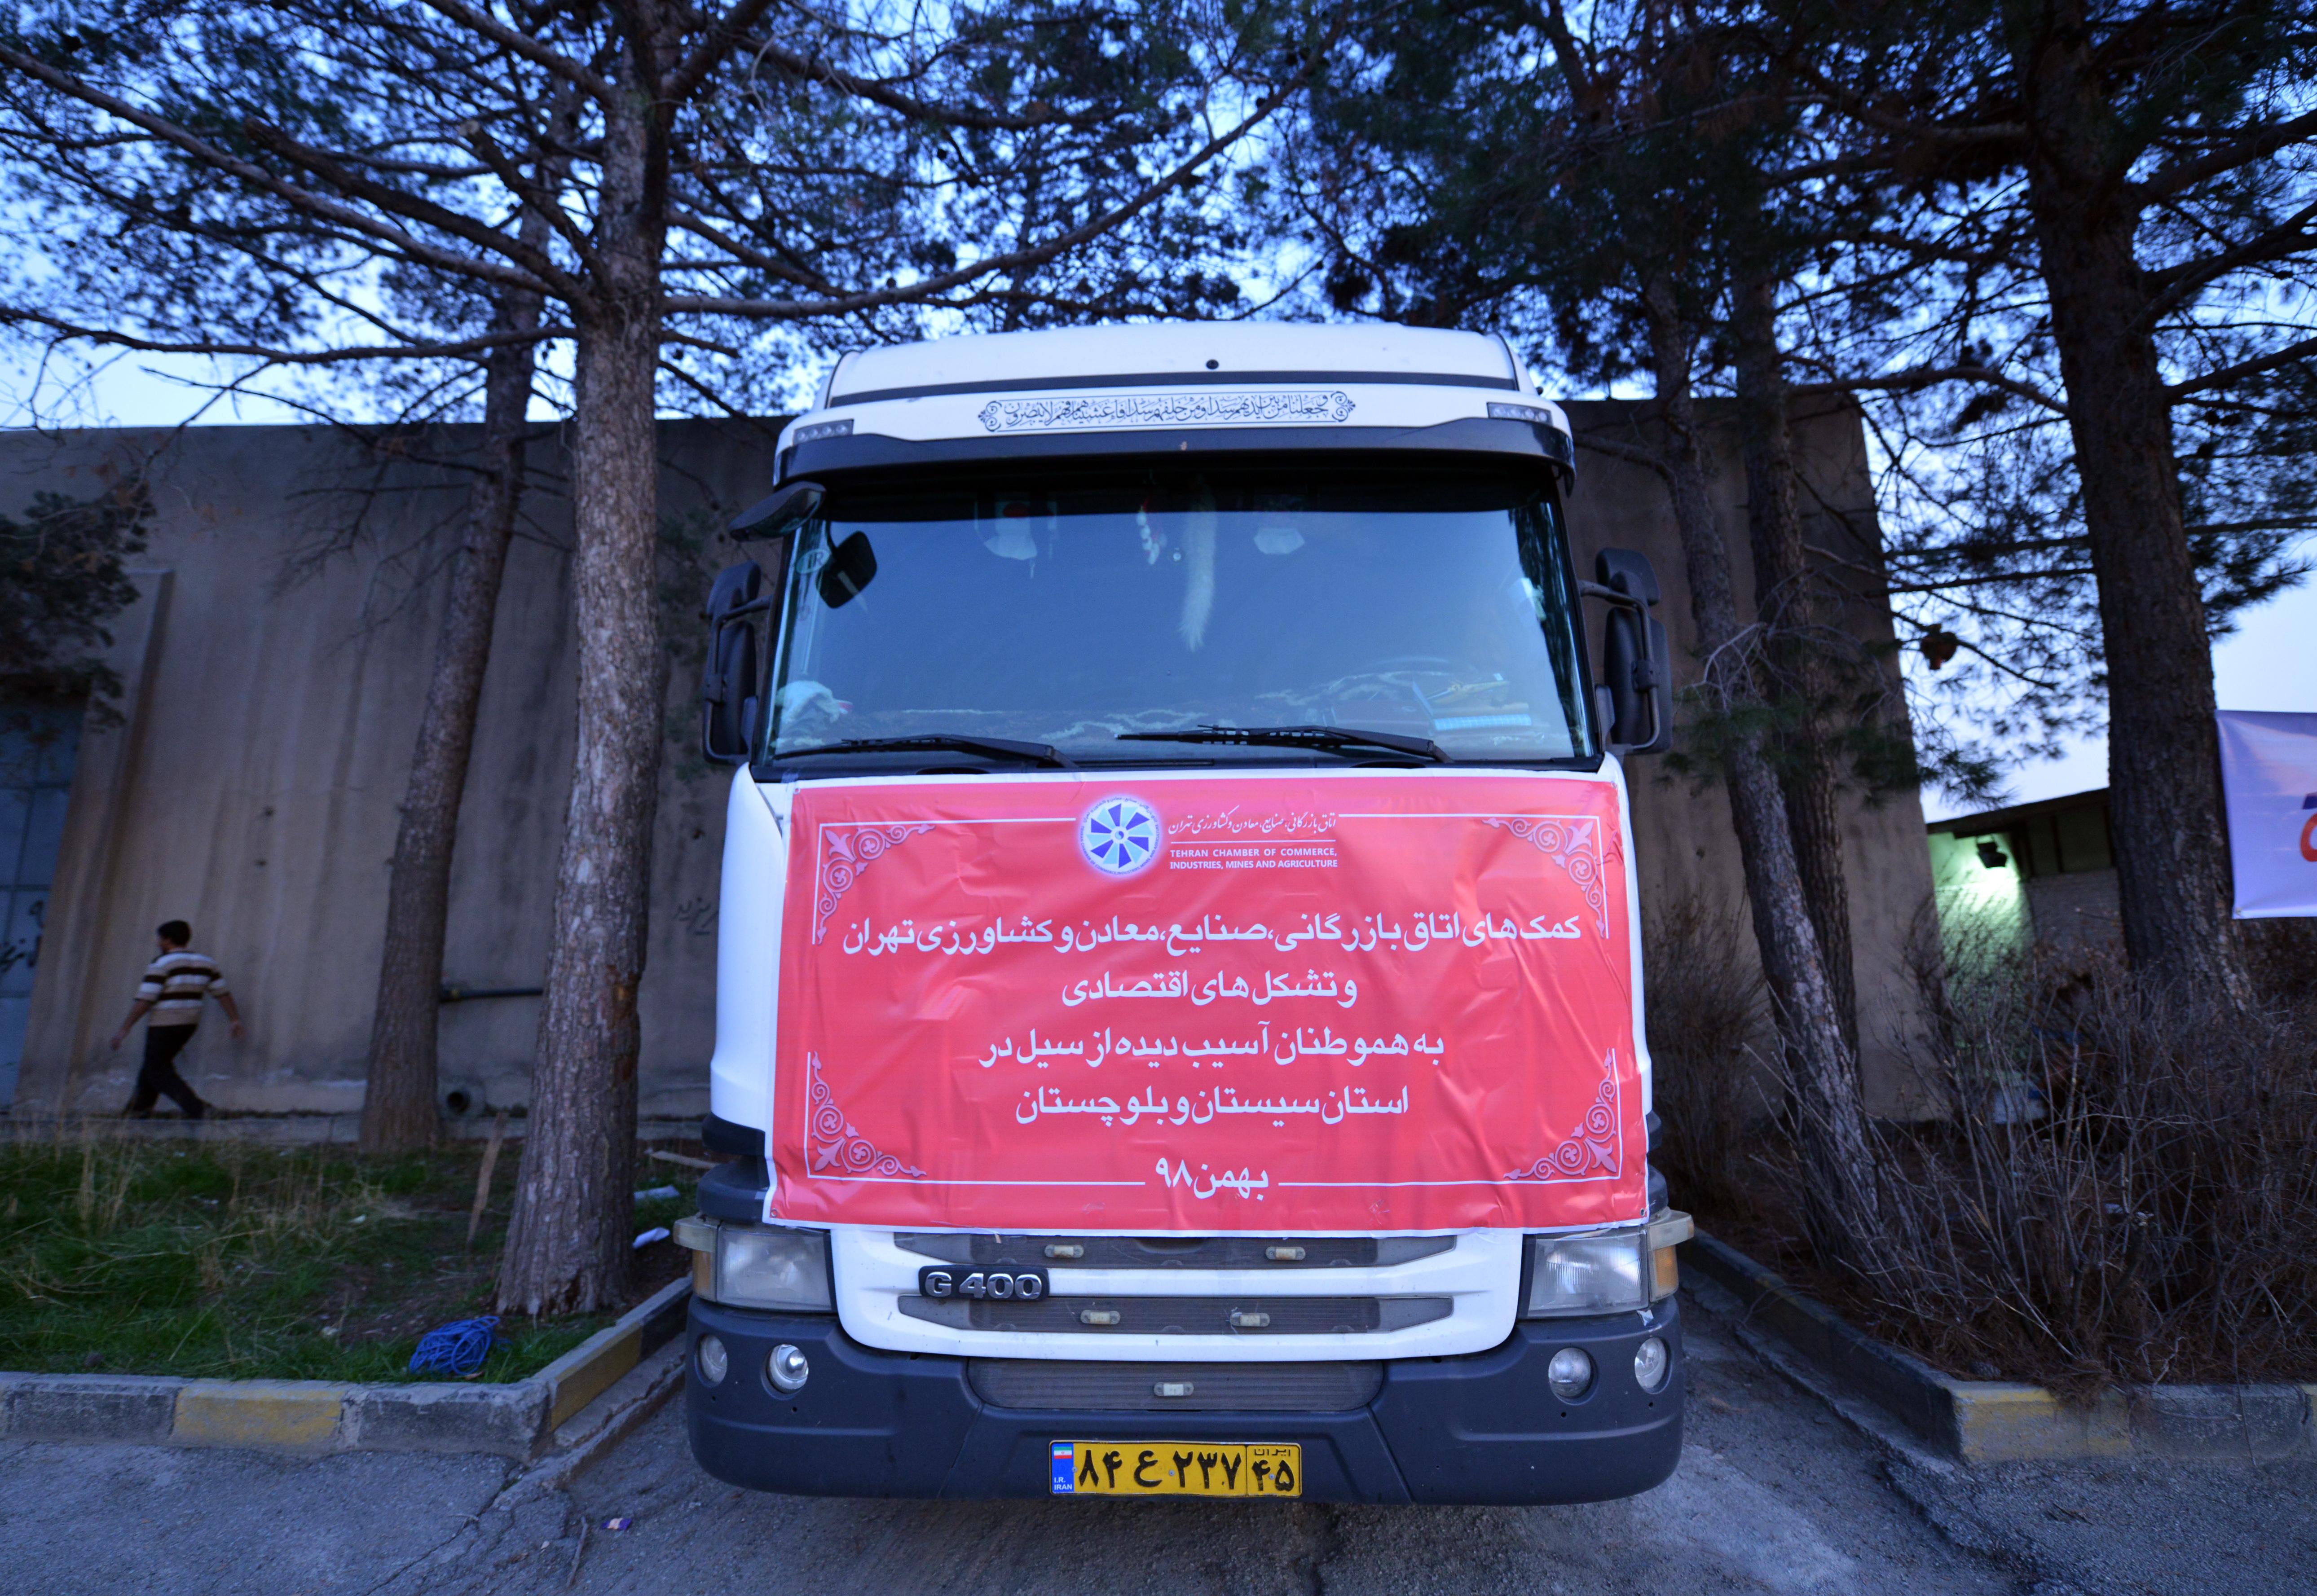 ارسال کمک های اتاق بازرگانی تهران به مناطق سیل زده سیستان و بلوچستان